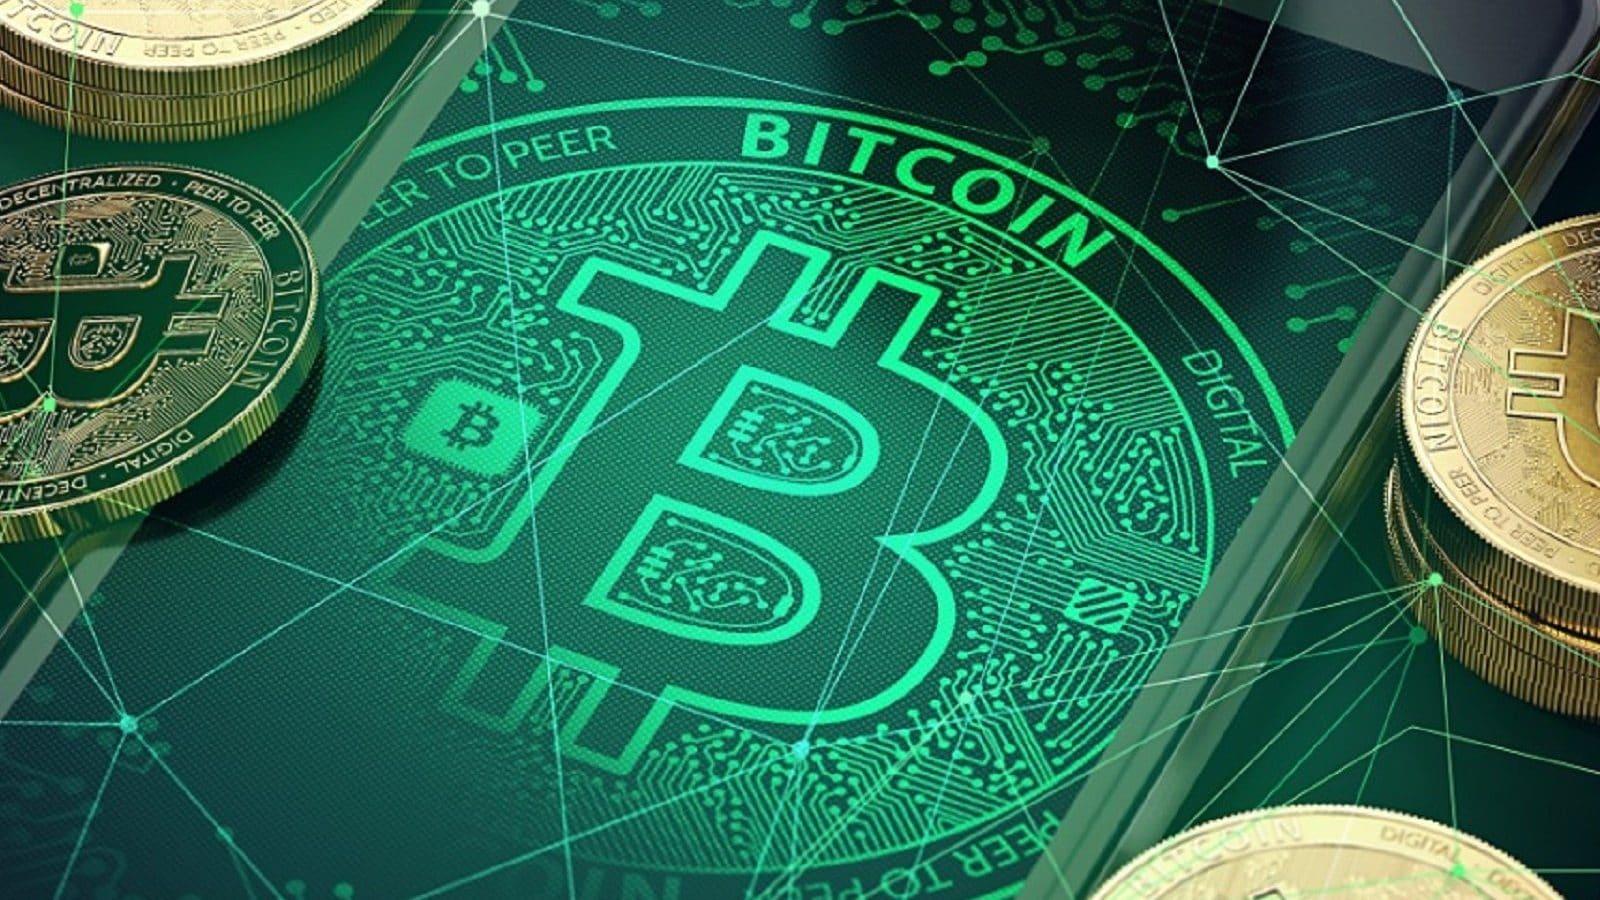 Come acquistare Bitcoin in India: è anche legale? - prosuasa.it